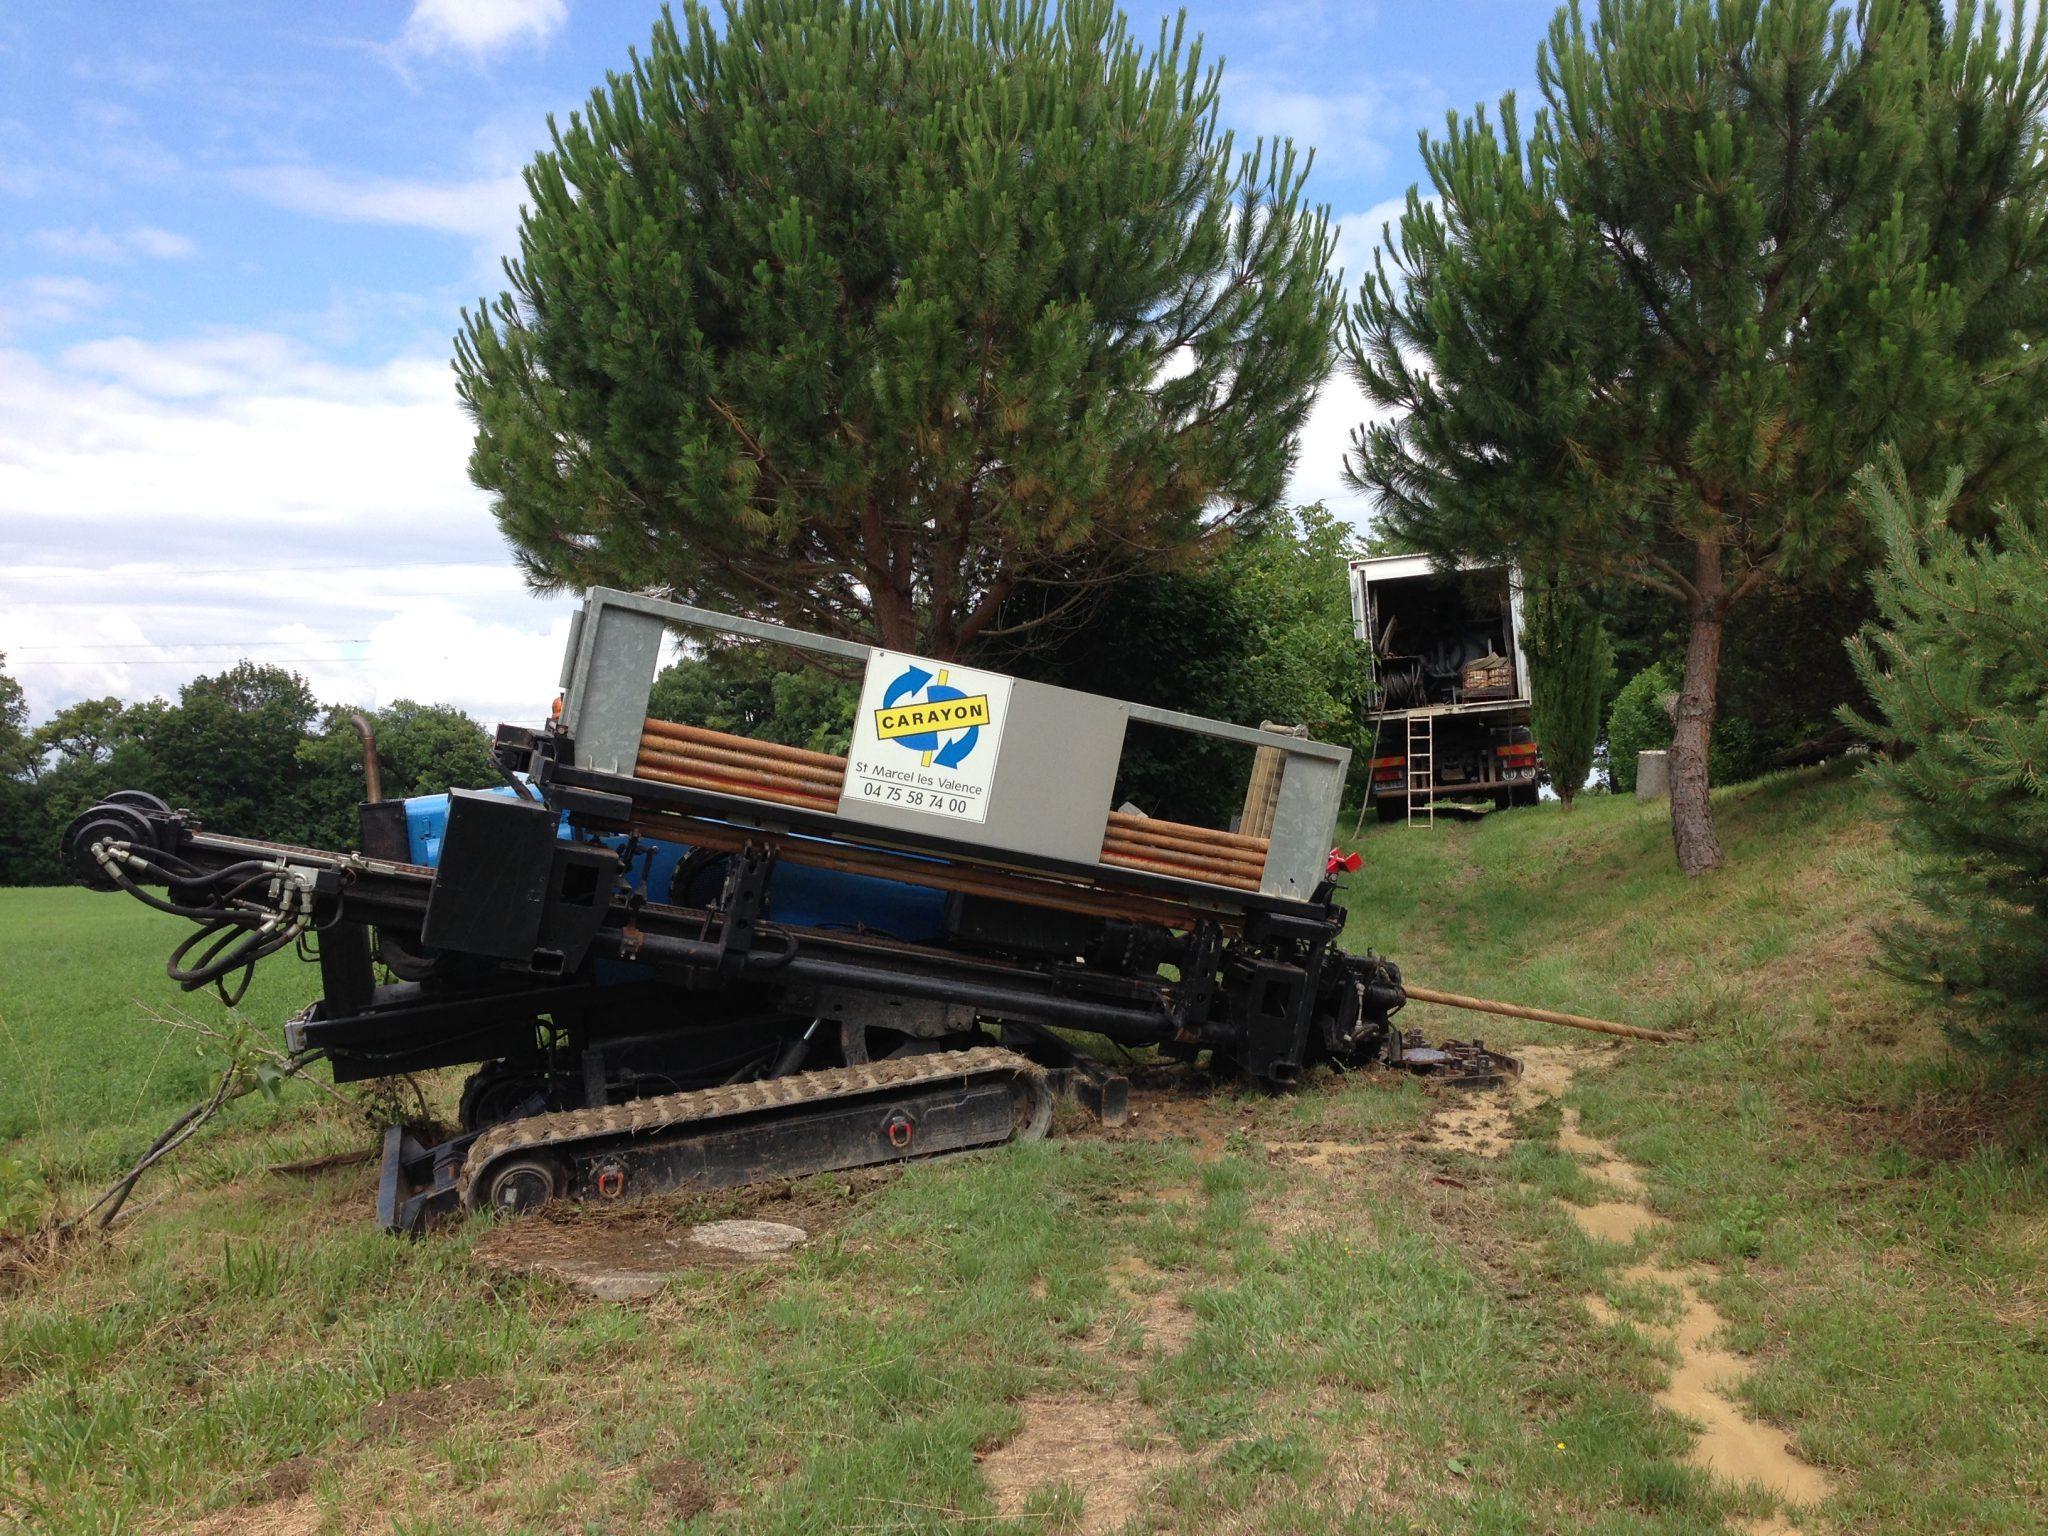 photo ihone greg 357 - Carayon Forage, votre professionnel du forage et du terrassement